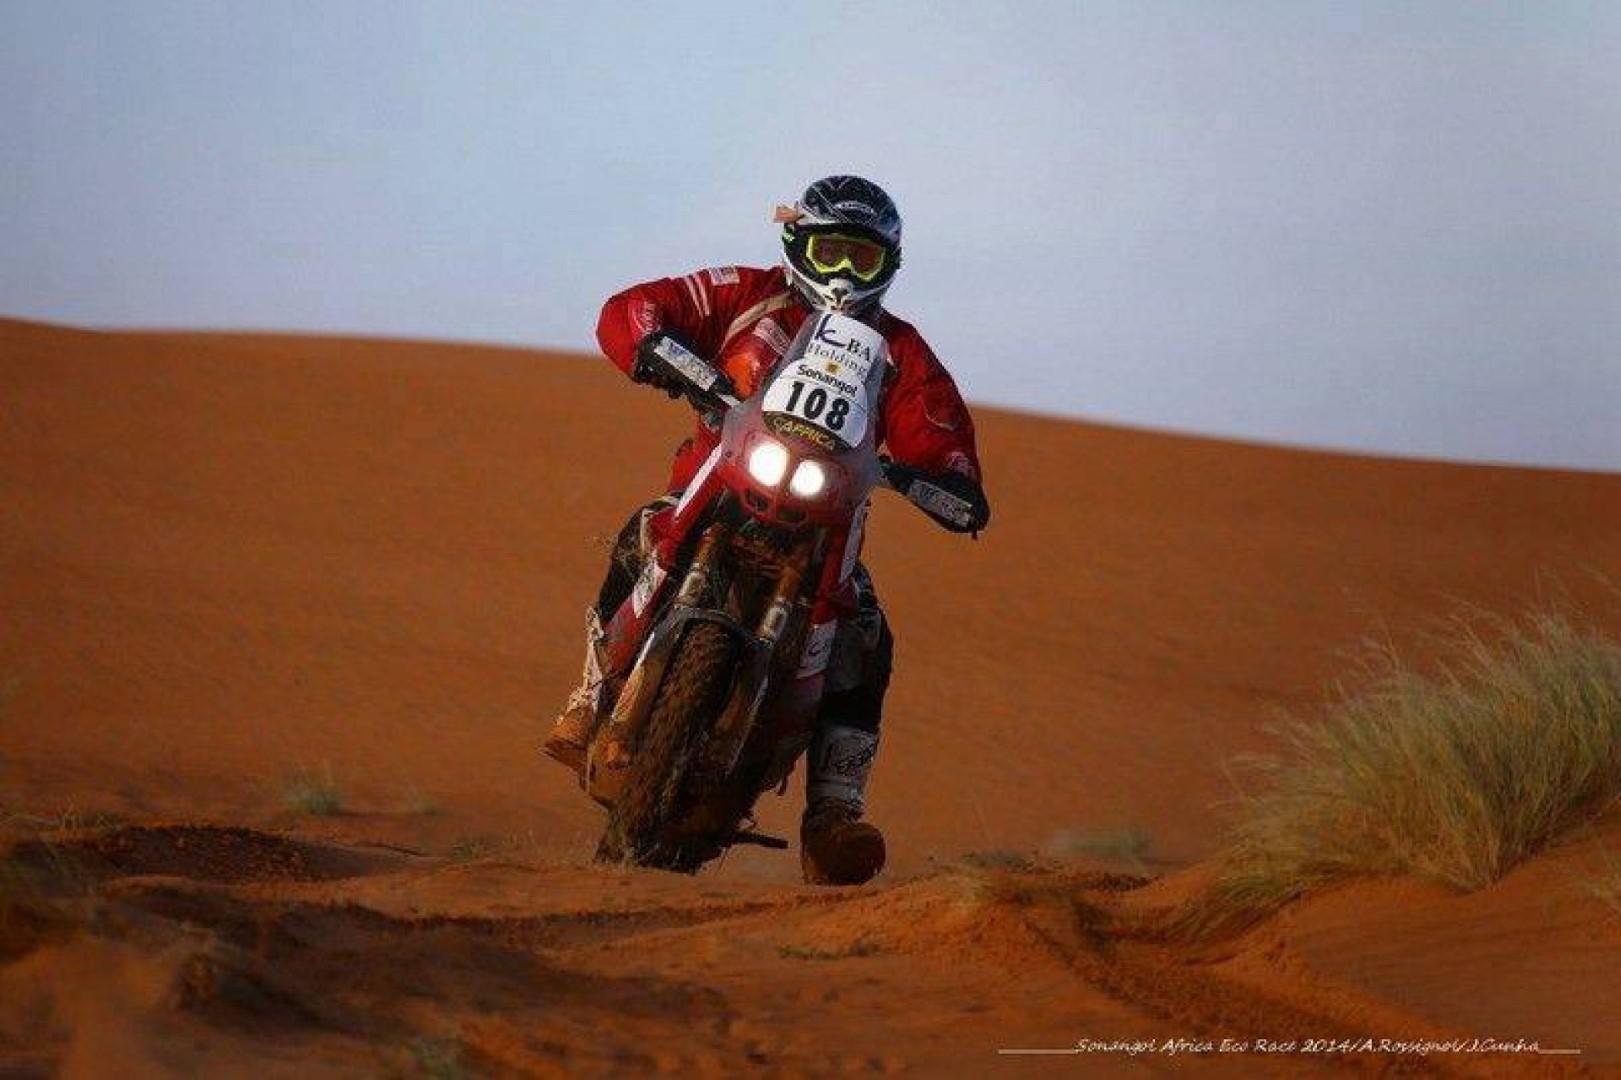 Morocco Desert Challenge 2017 البطل حارث كباري يشارك في رالي